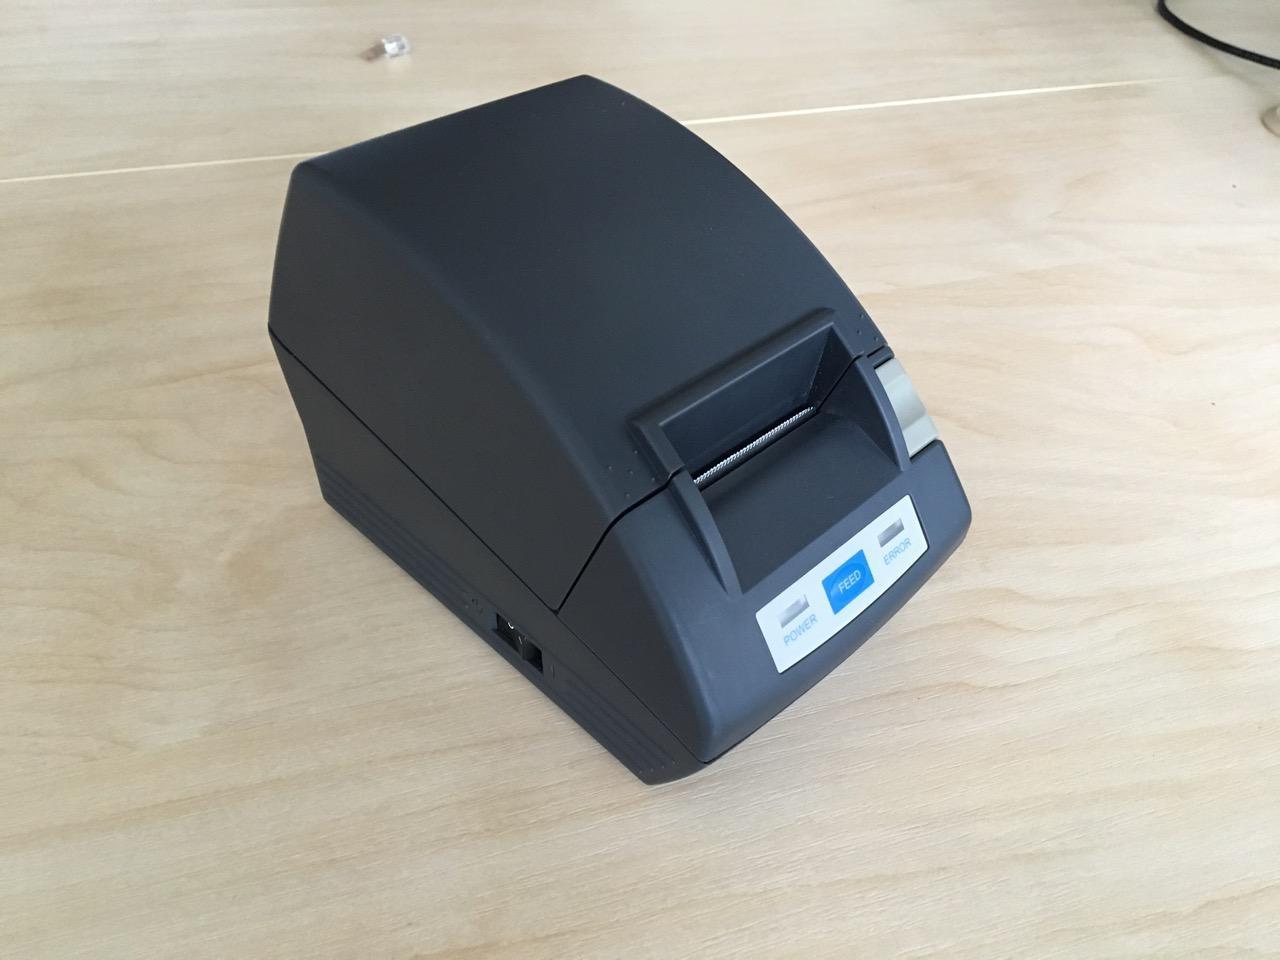 Фискальный регистратор Экселлио FP-280 + драйвер 1С  Предприятие ! - 1